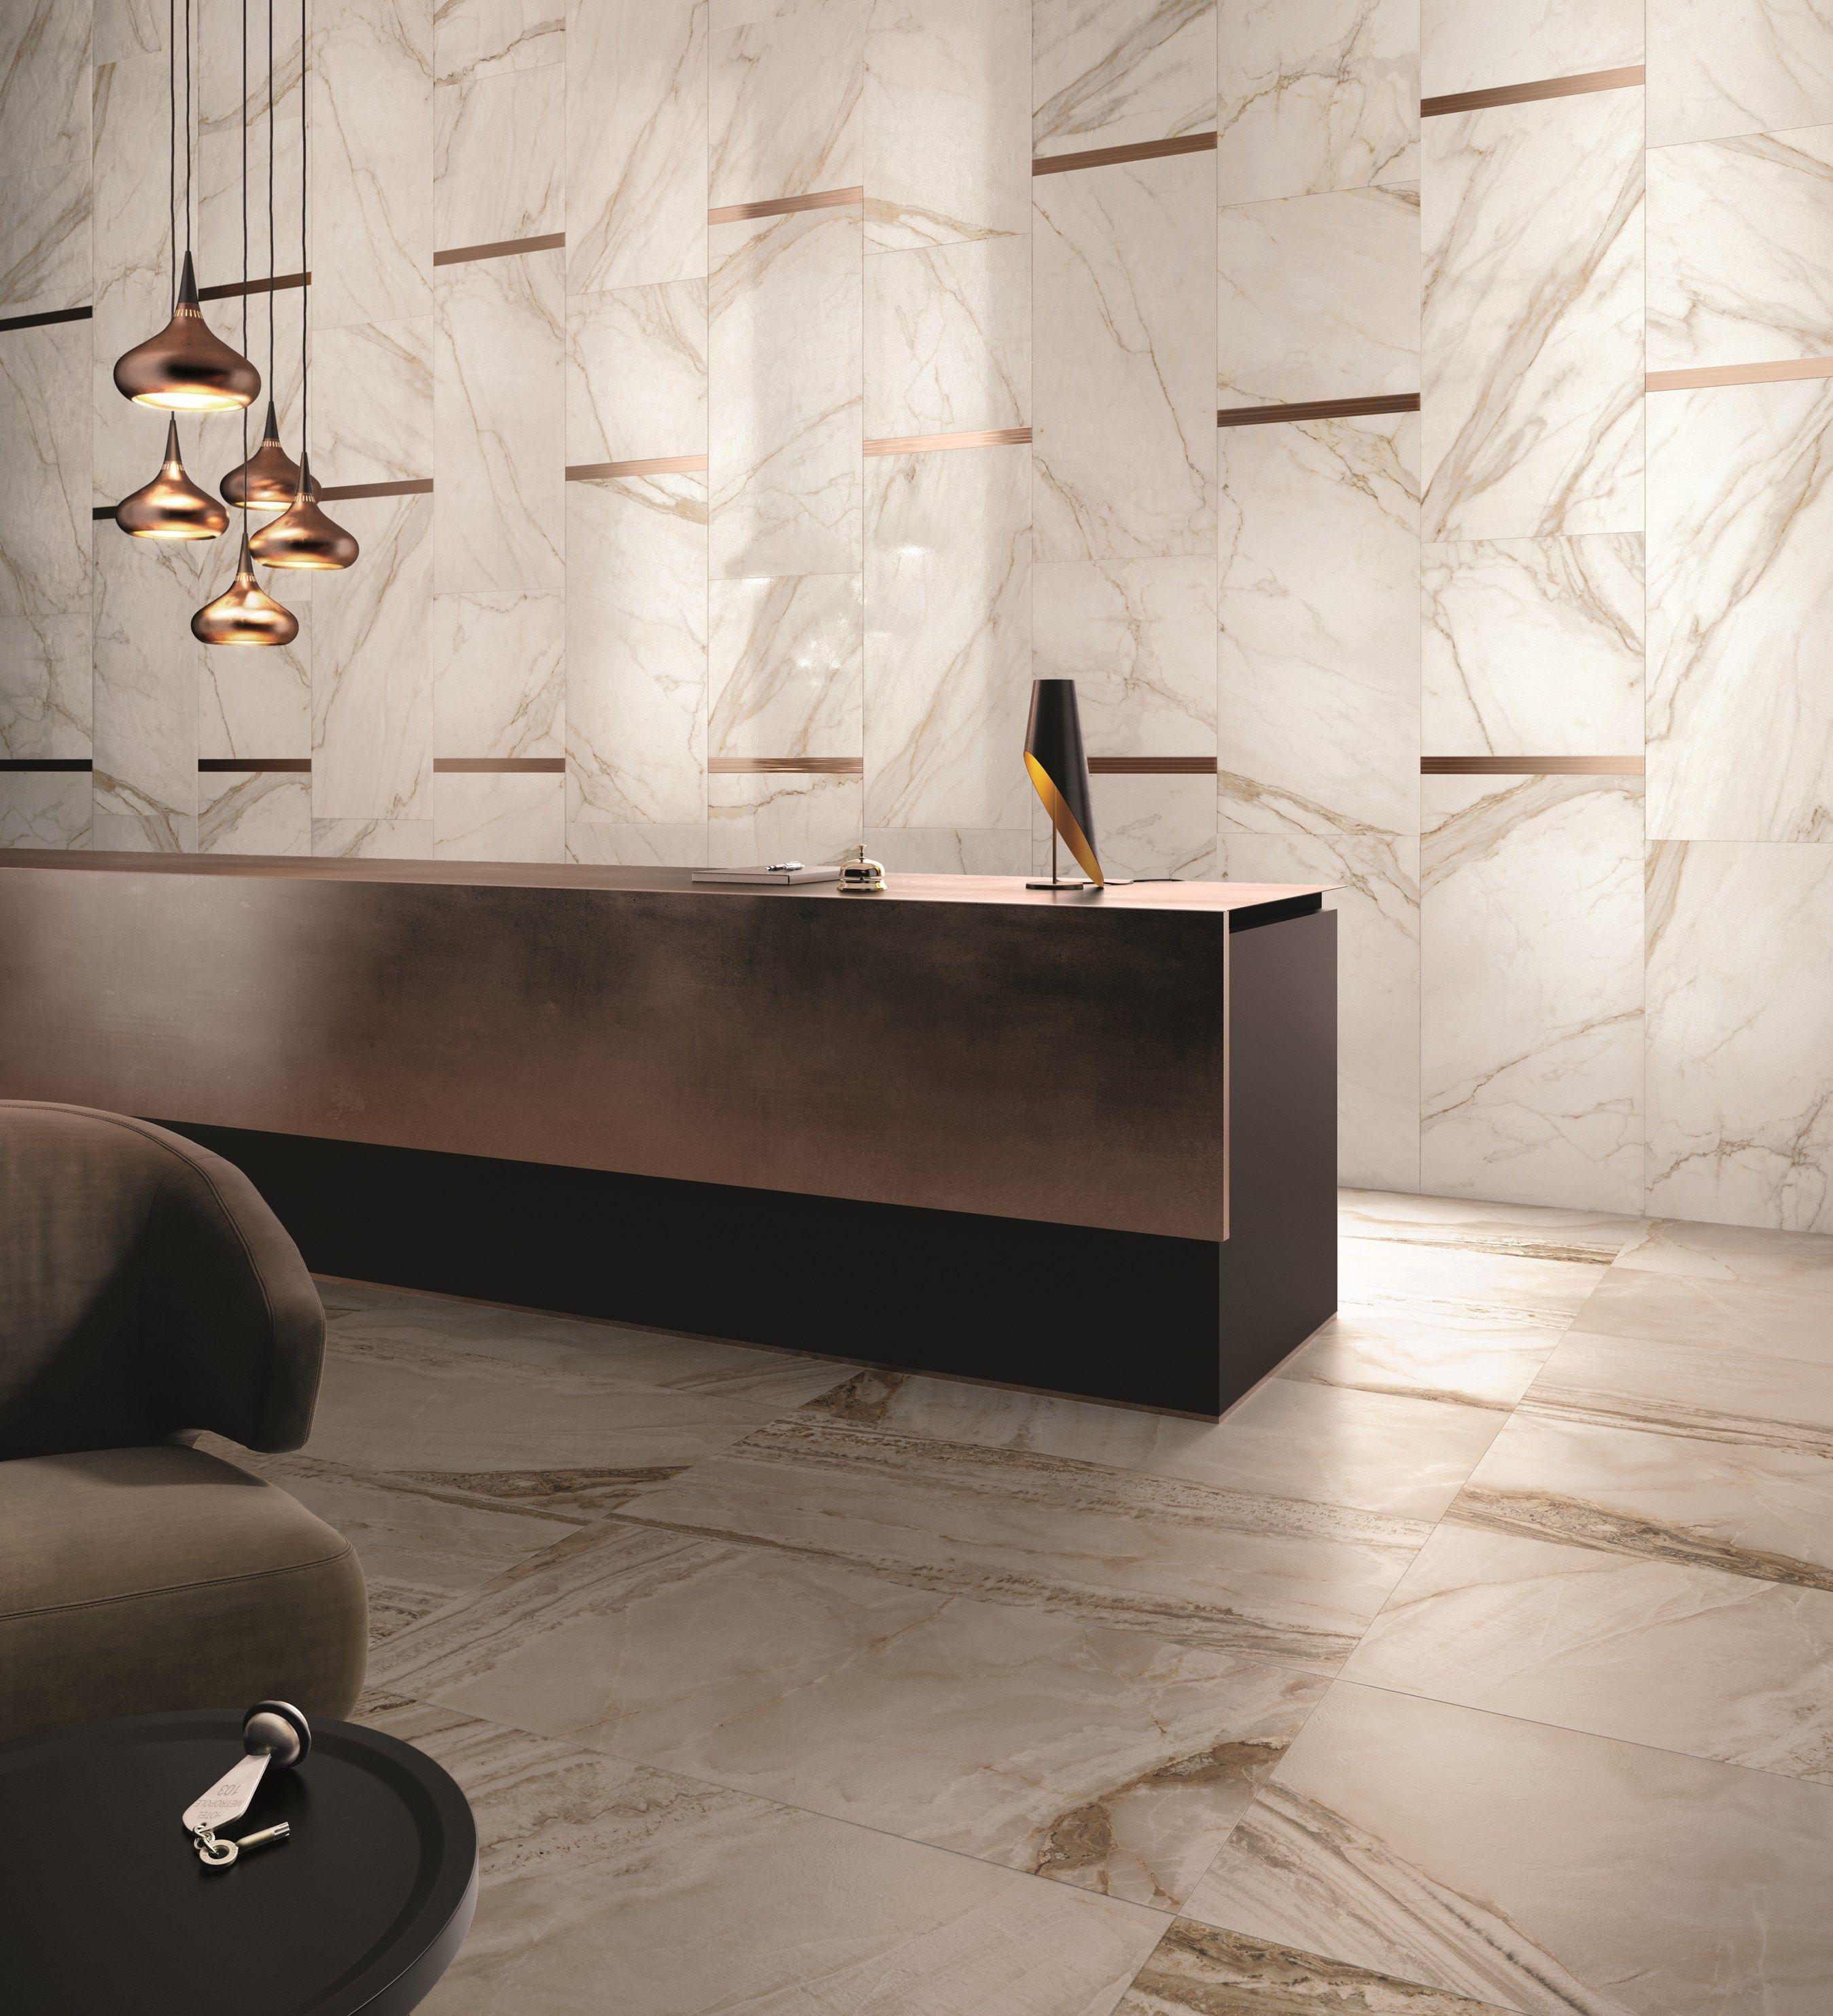 Gres Porcellanato Effetto Marmo Difetti pavimento/rivestimento effetto marmo supreme by flaviker